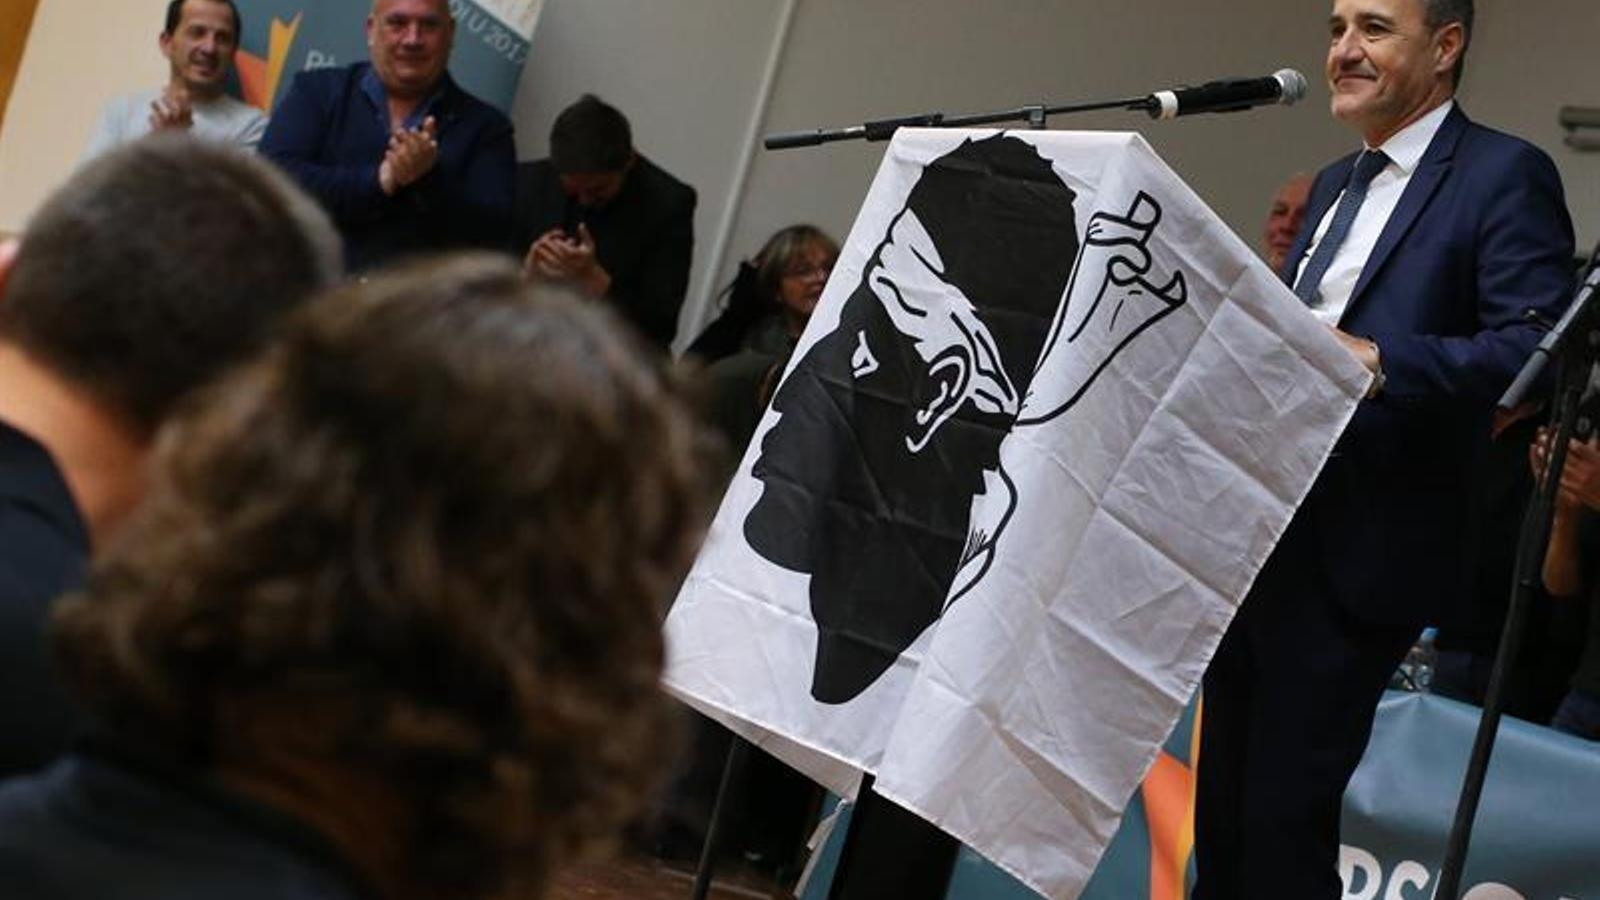 Jean-Guy Talamon s'adreça als simpatitzants de la seva formació en un faristol tapat amb la bandera corsa.